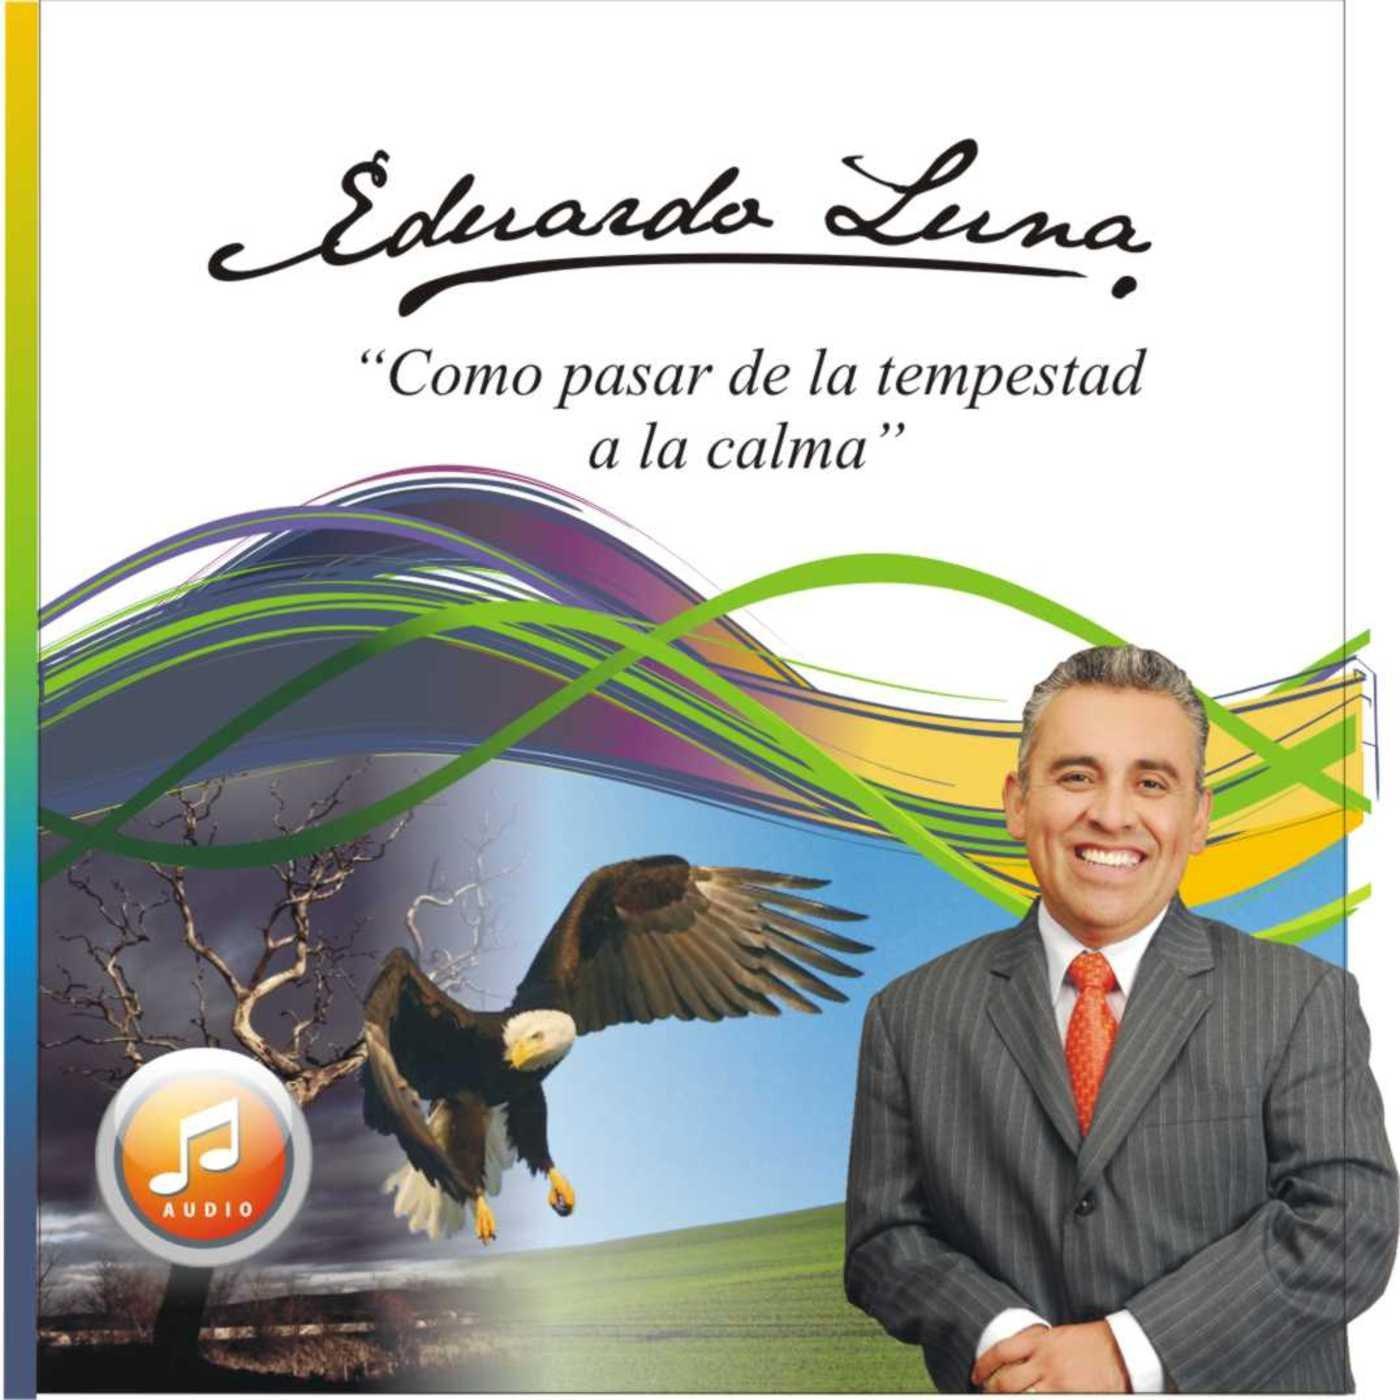 <![CDATA[Eduardo Luna- Como pasar de la tempestad a la calm]]>